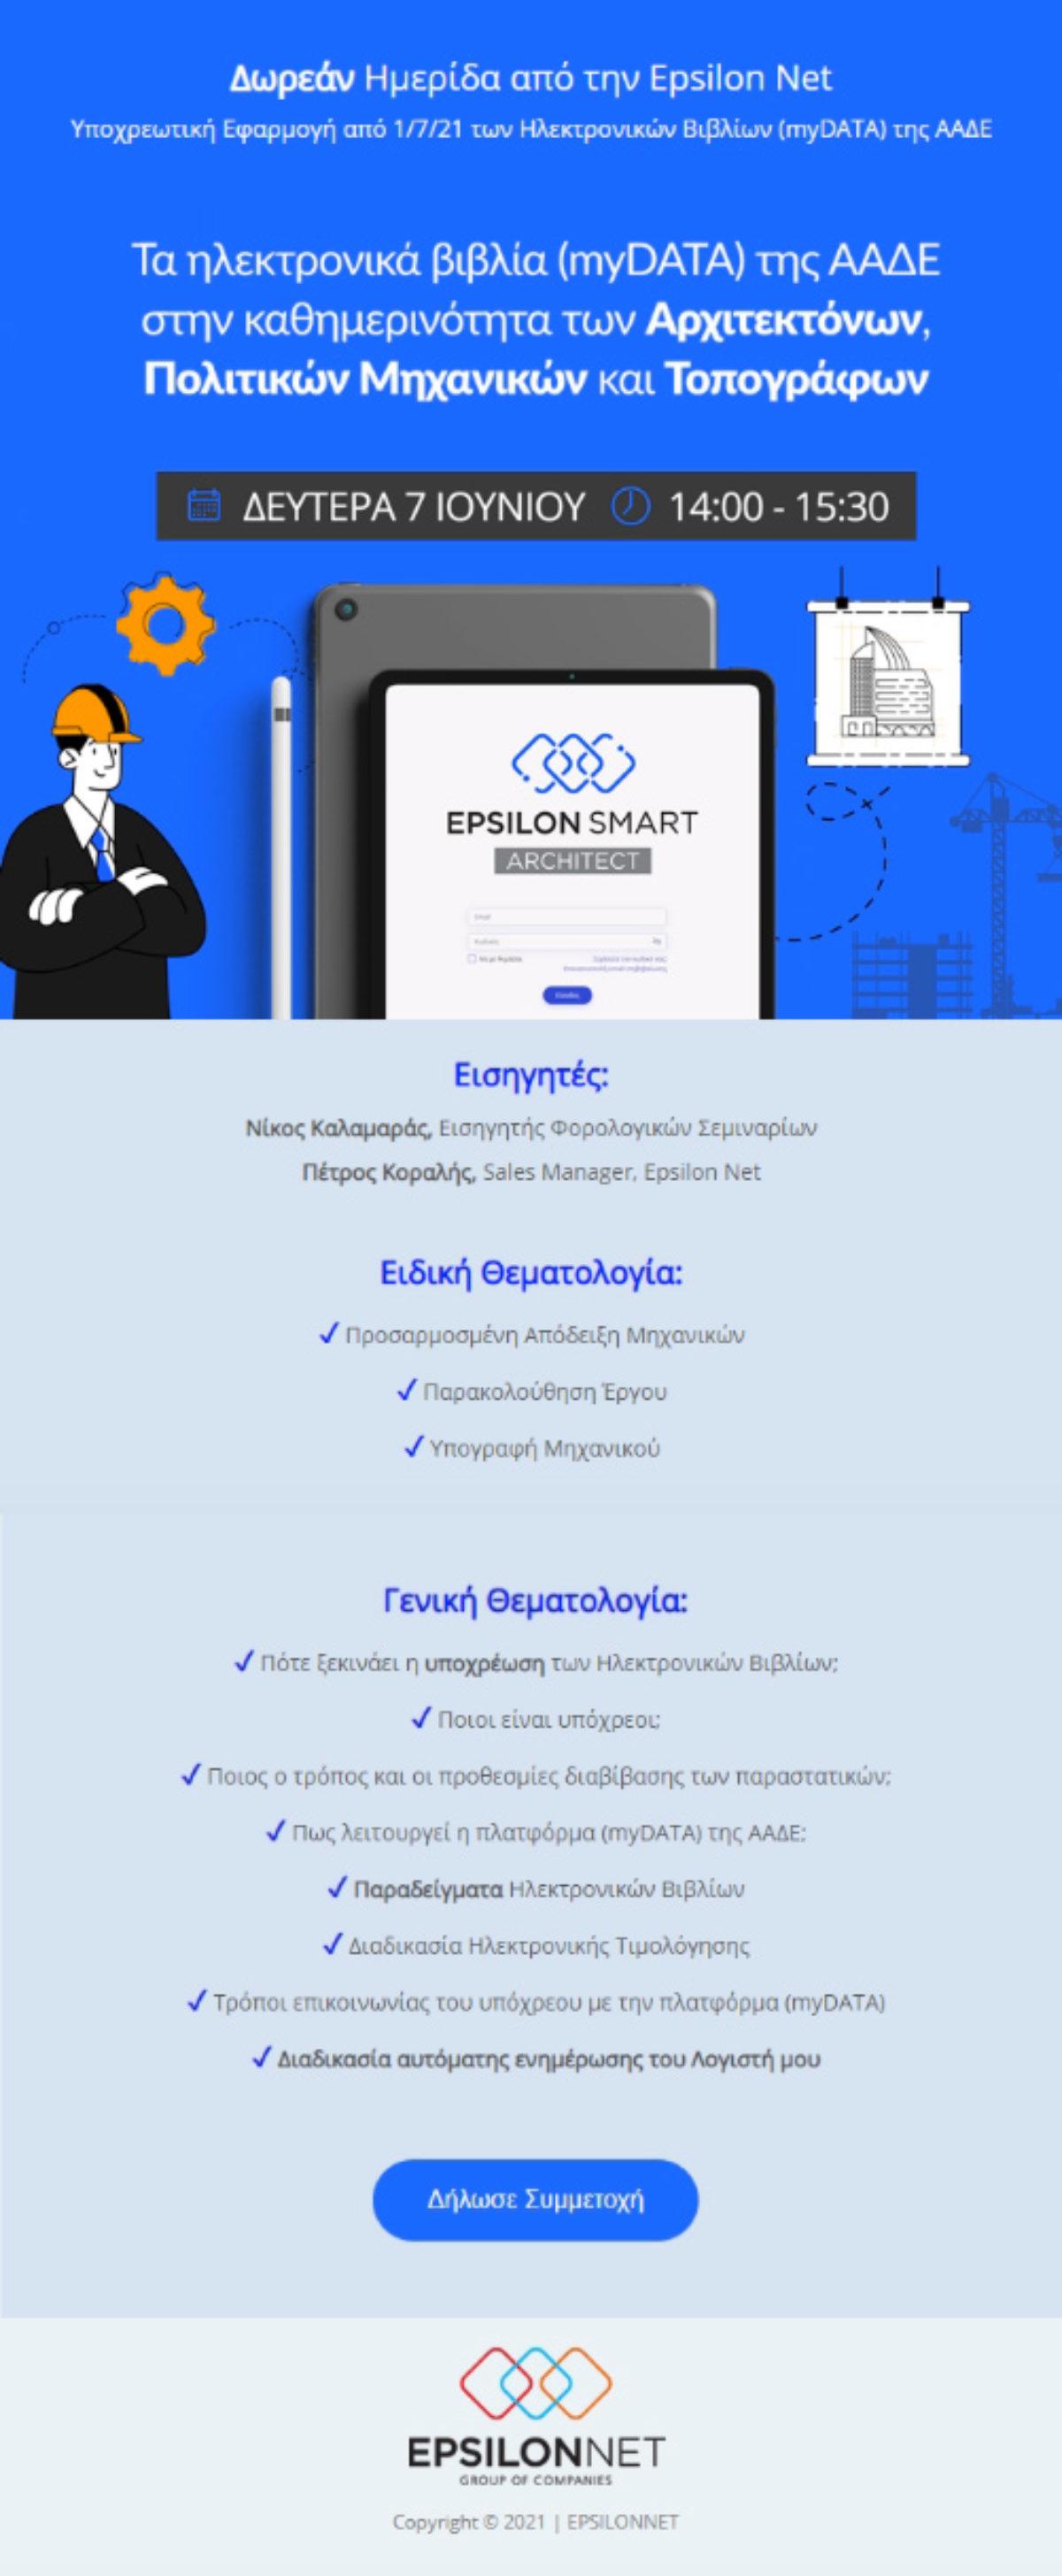 Δωρεάν Ημερίδα από την Epsilon Net για την παρουσίαση του Epsilon Smart Architect, με θέμα: «Τα ηλεκτρονικά βιβλία (myDATA) της ΑΑΔΕ στην καθημερινότητα των Αρχιτεκτόνων, Πολιτικών Μηχανικών και Τοπογράφων»